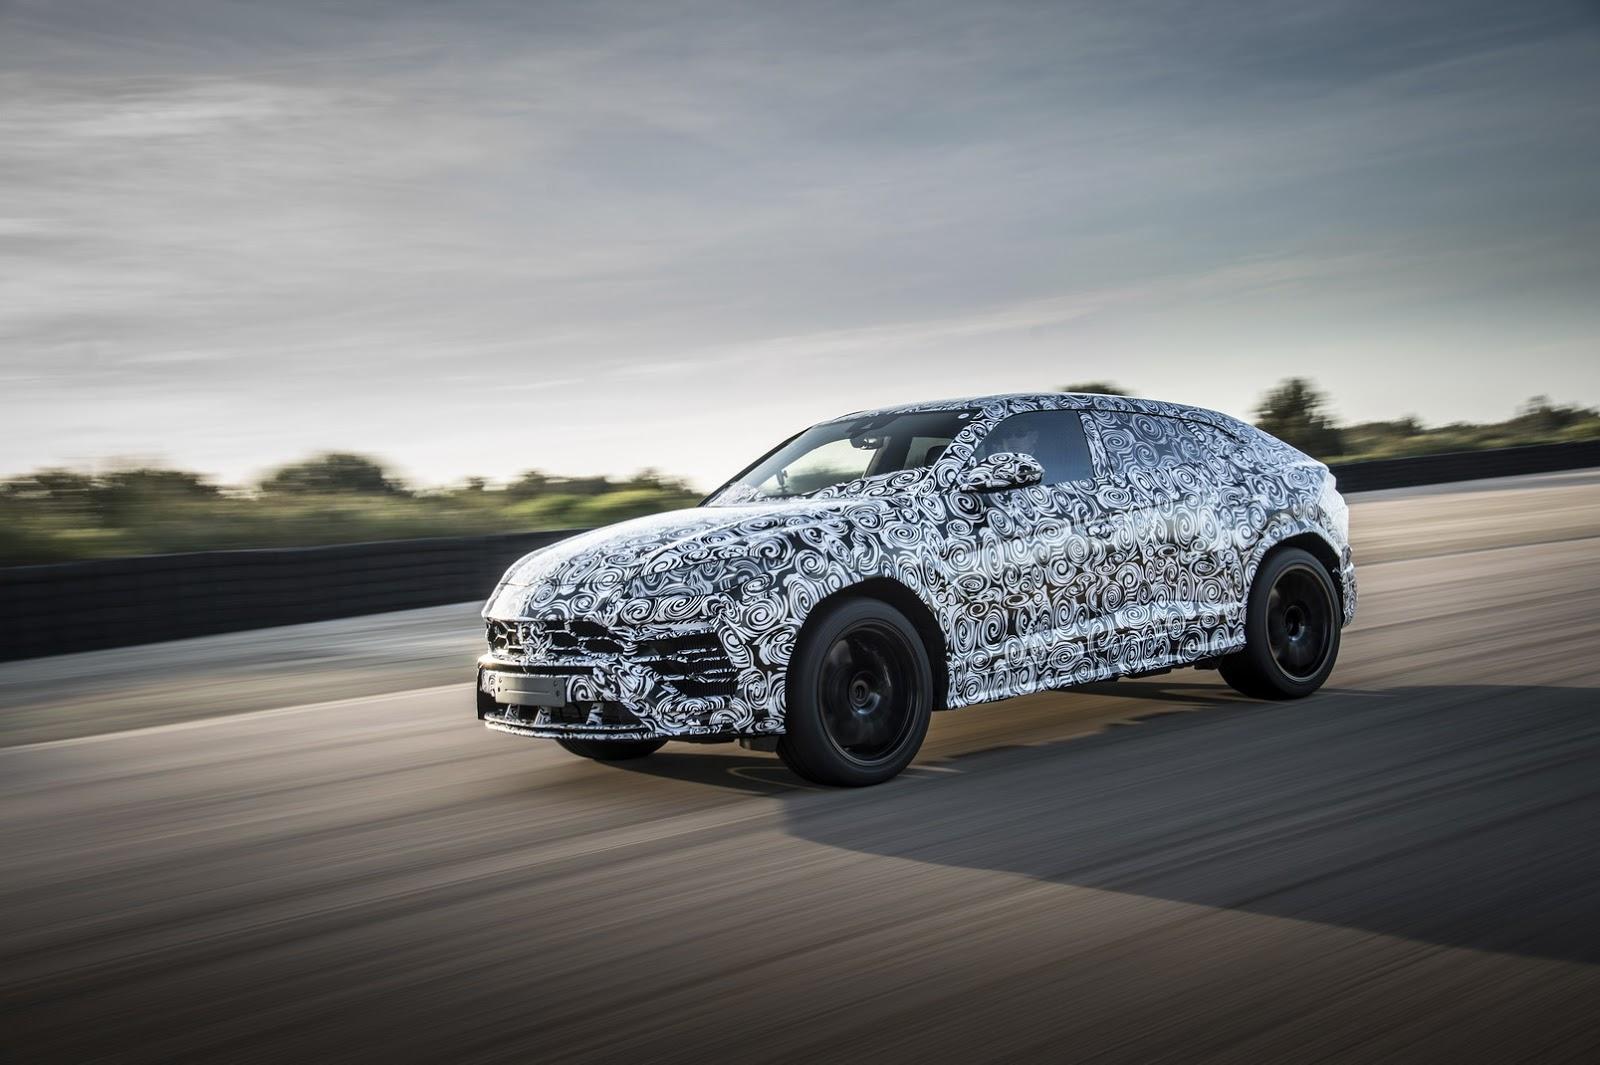 Lamborghini Launches Urus Super Suv Gives It 641hp To